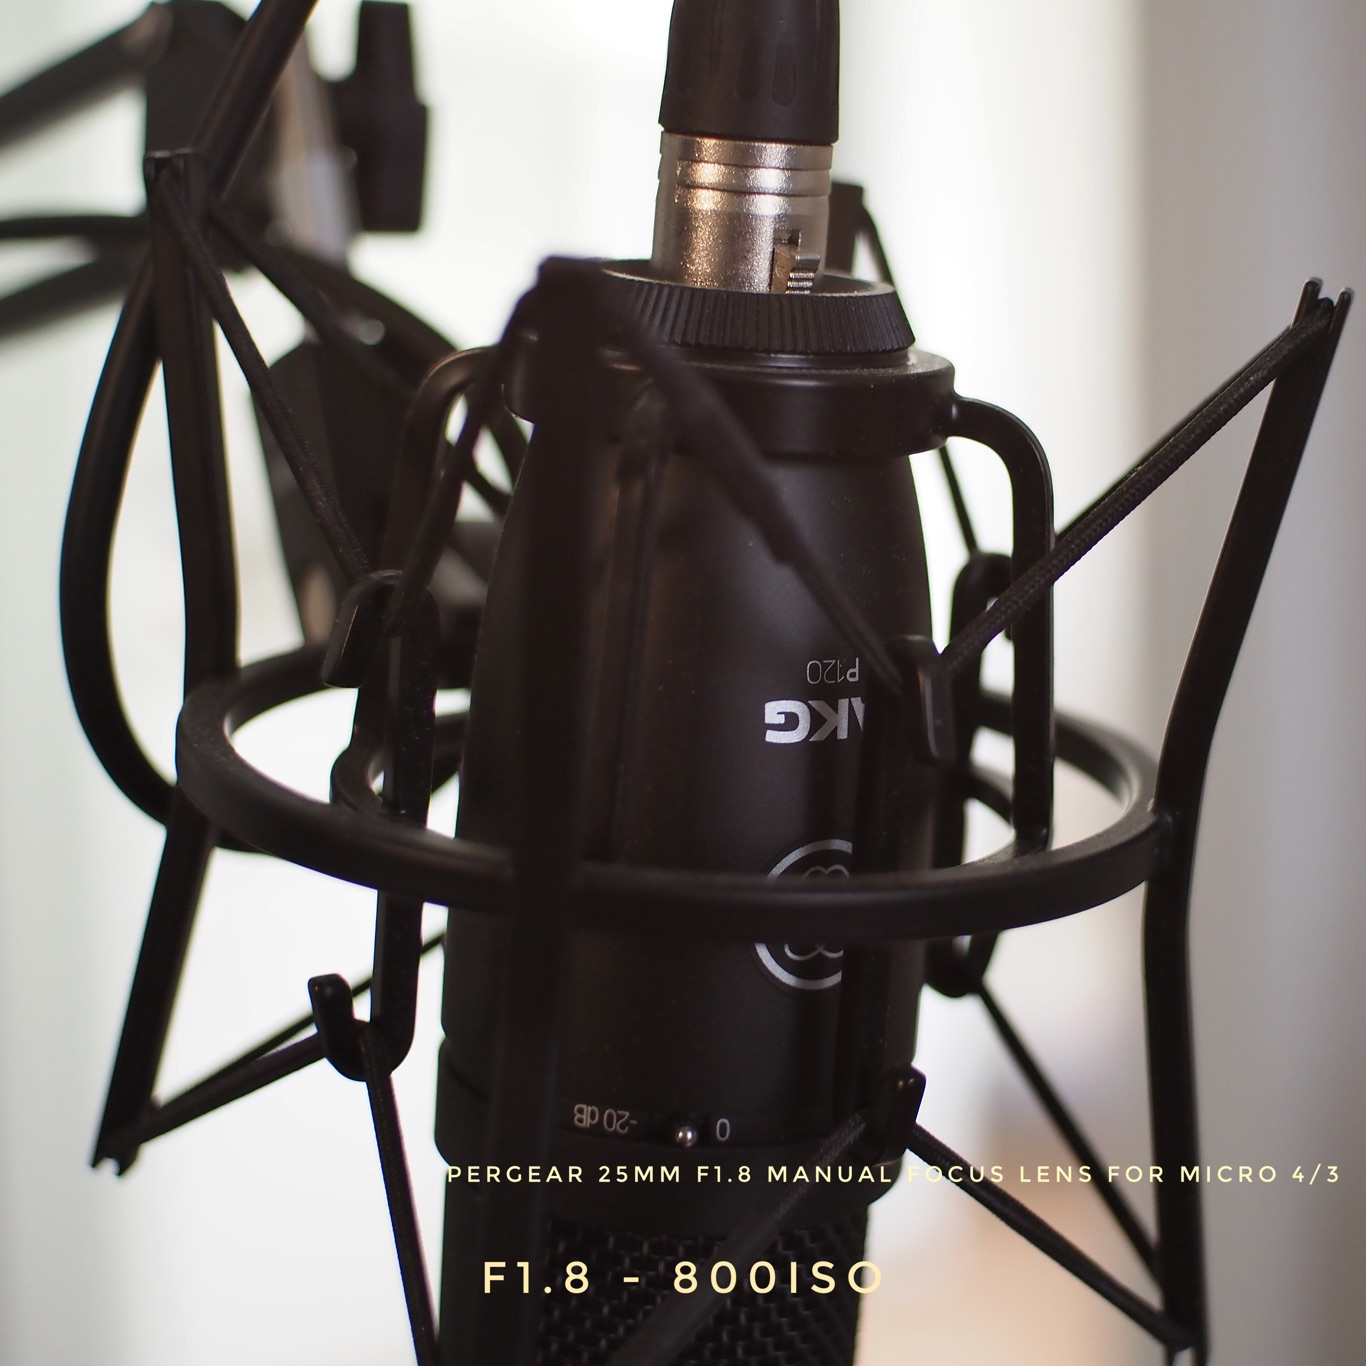 BB6E951B-2F12-4781-986A-B8C7D125C5B0.jpeg